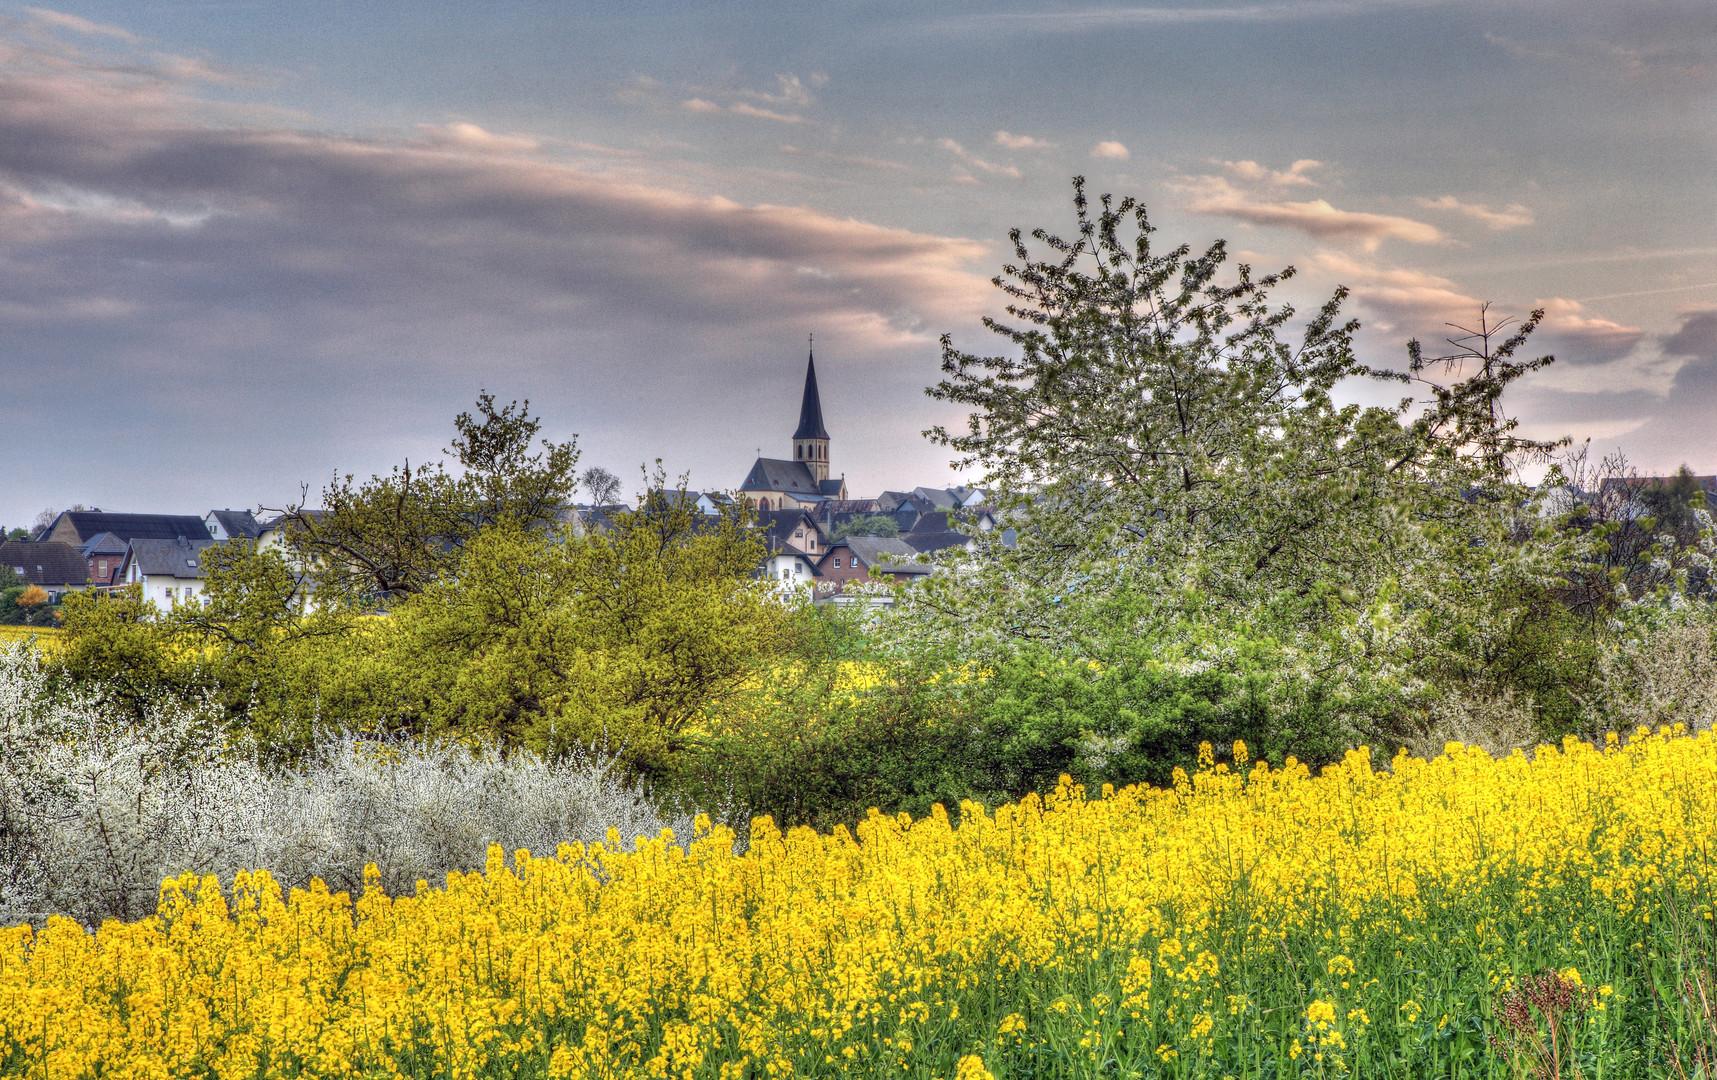 Rapsblüten bei Illerich i.d.Eifel